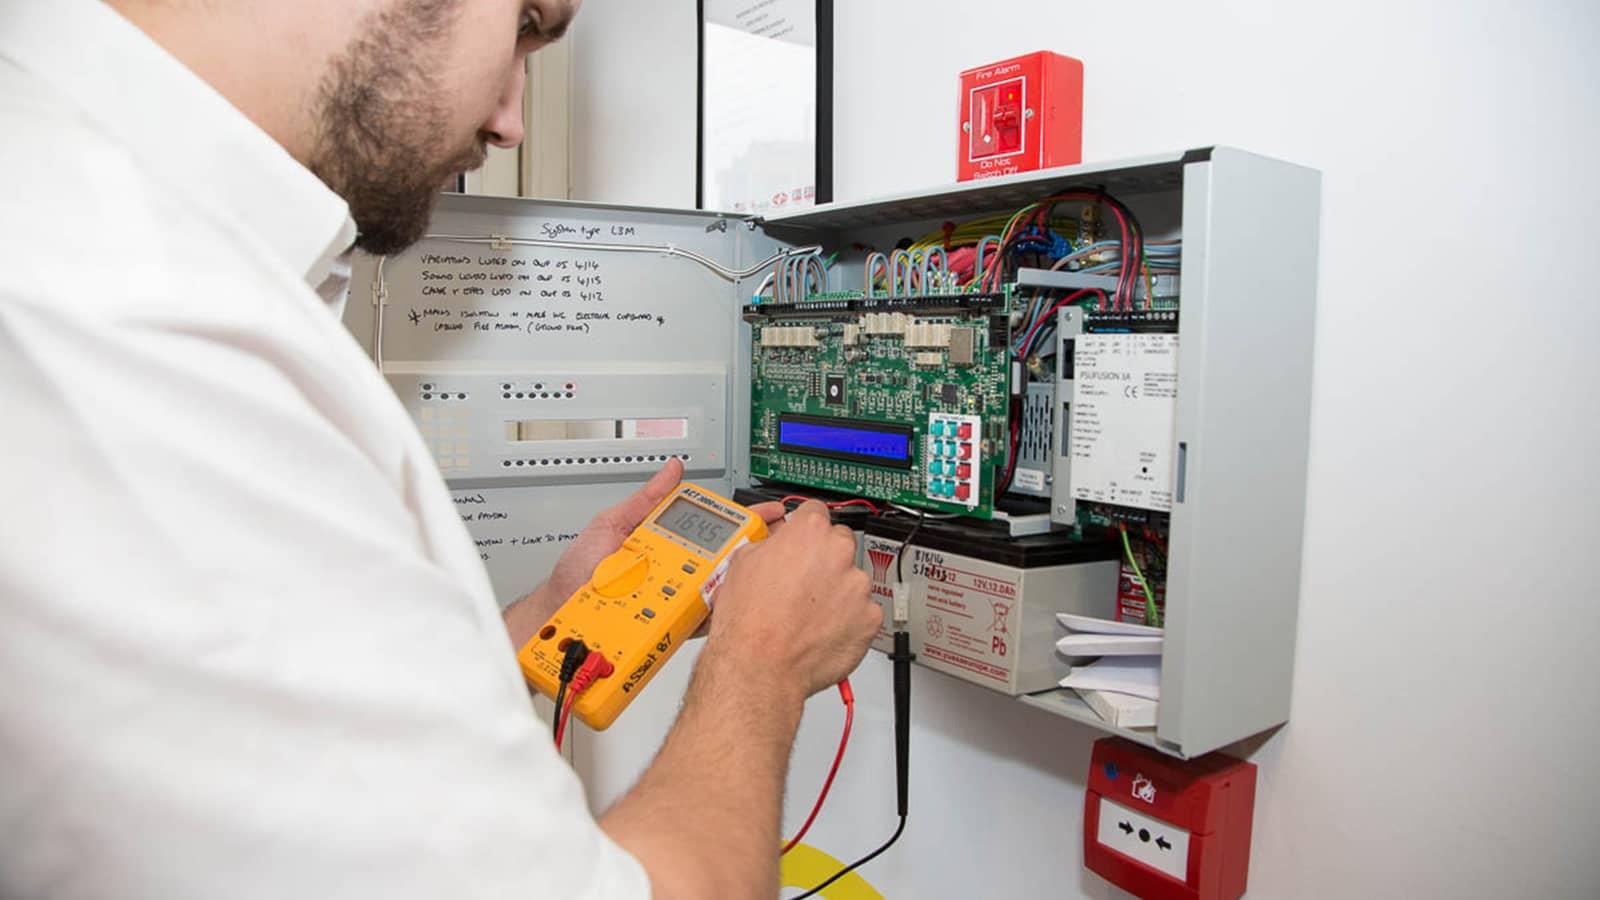 Согласно новым правилам, необходимо разработать и утвердить регламент обслуживания и ремонта всех систем защиты объекта.